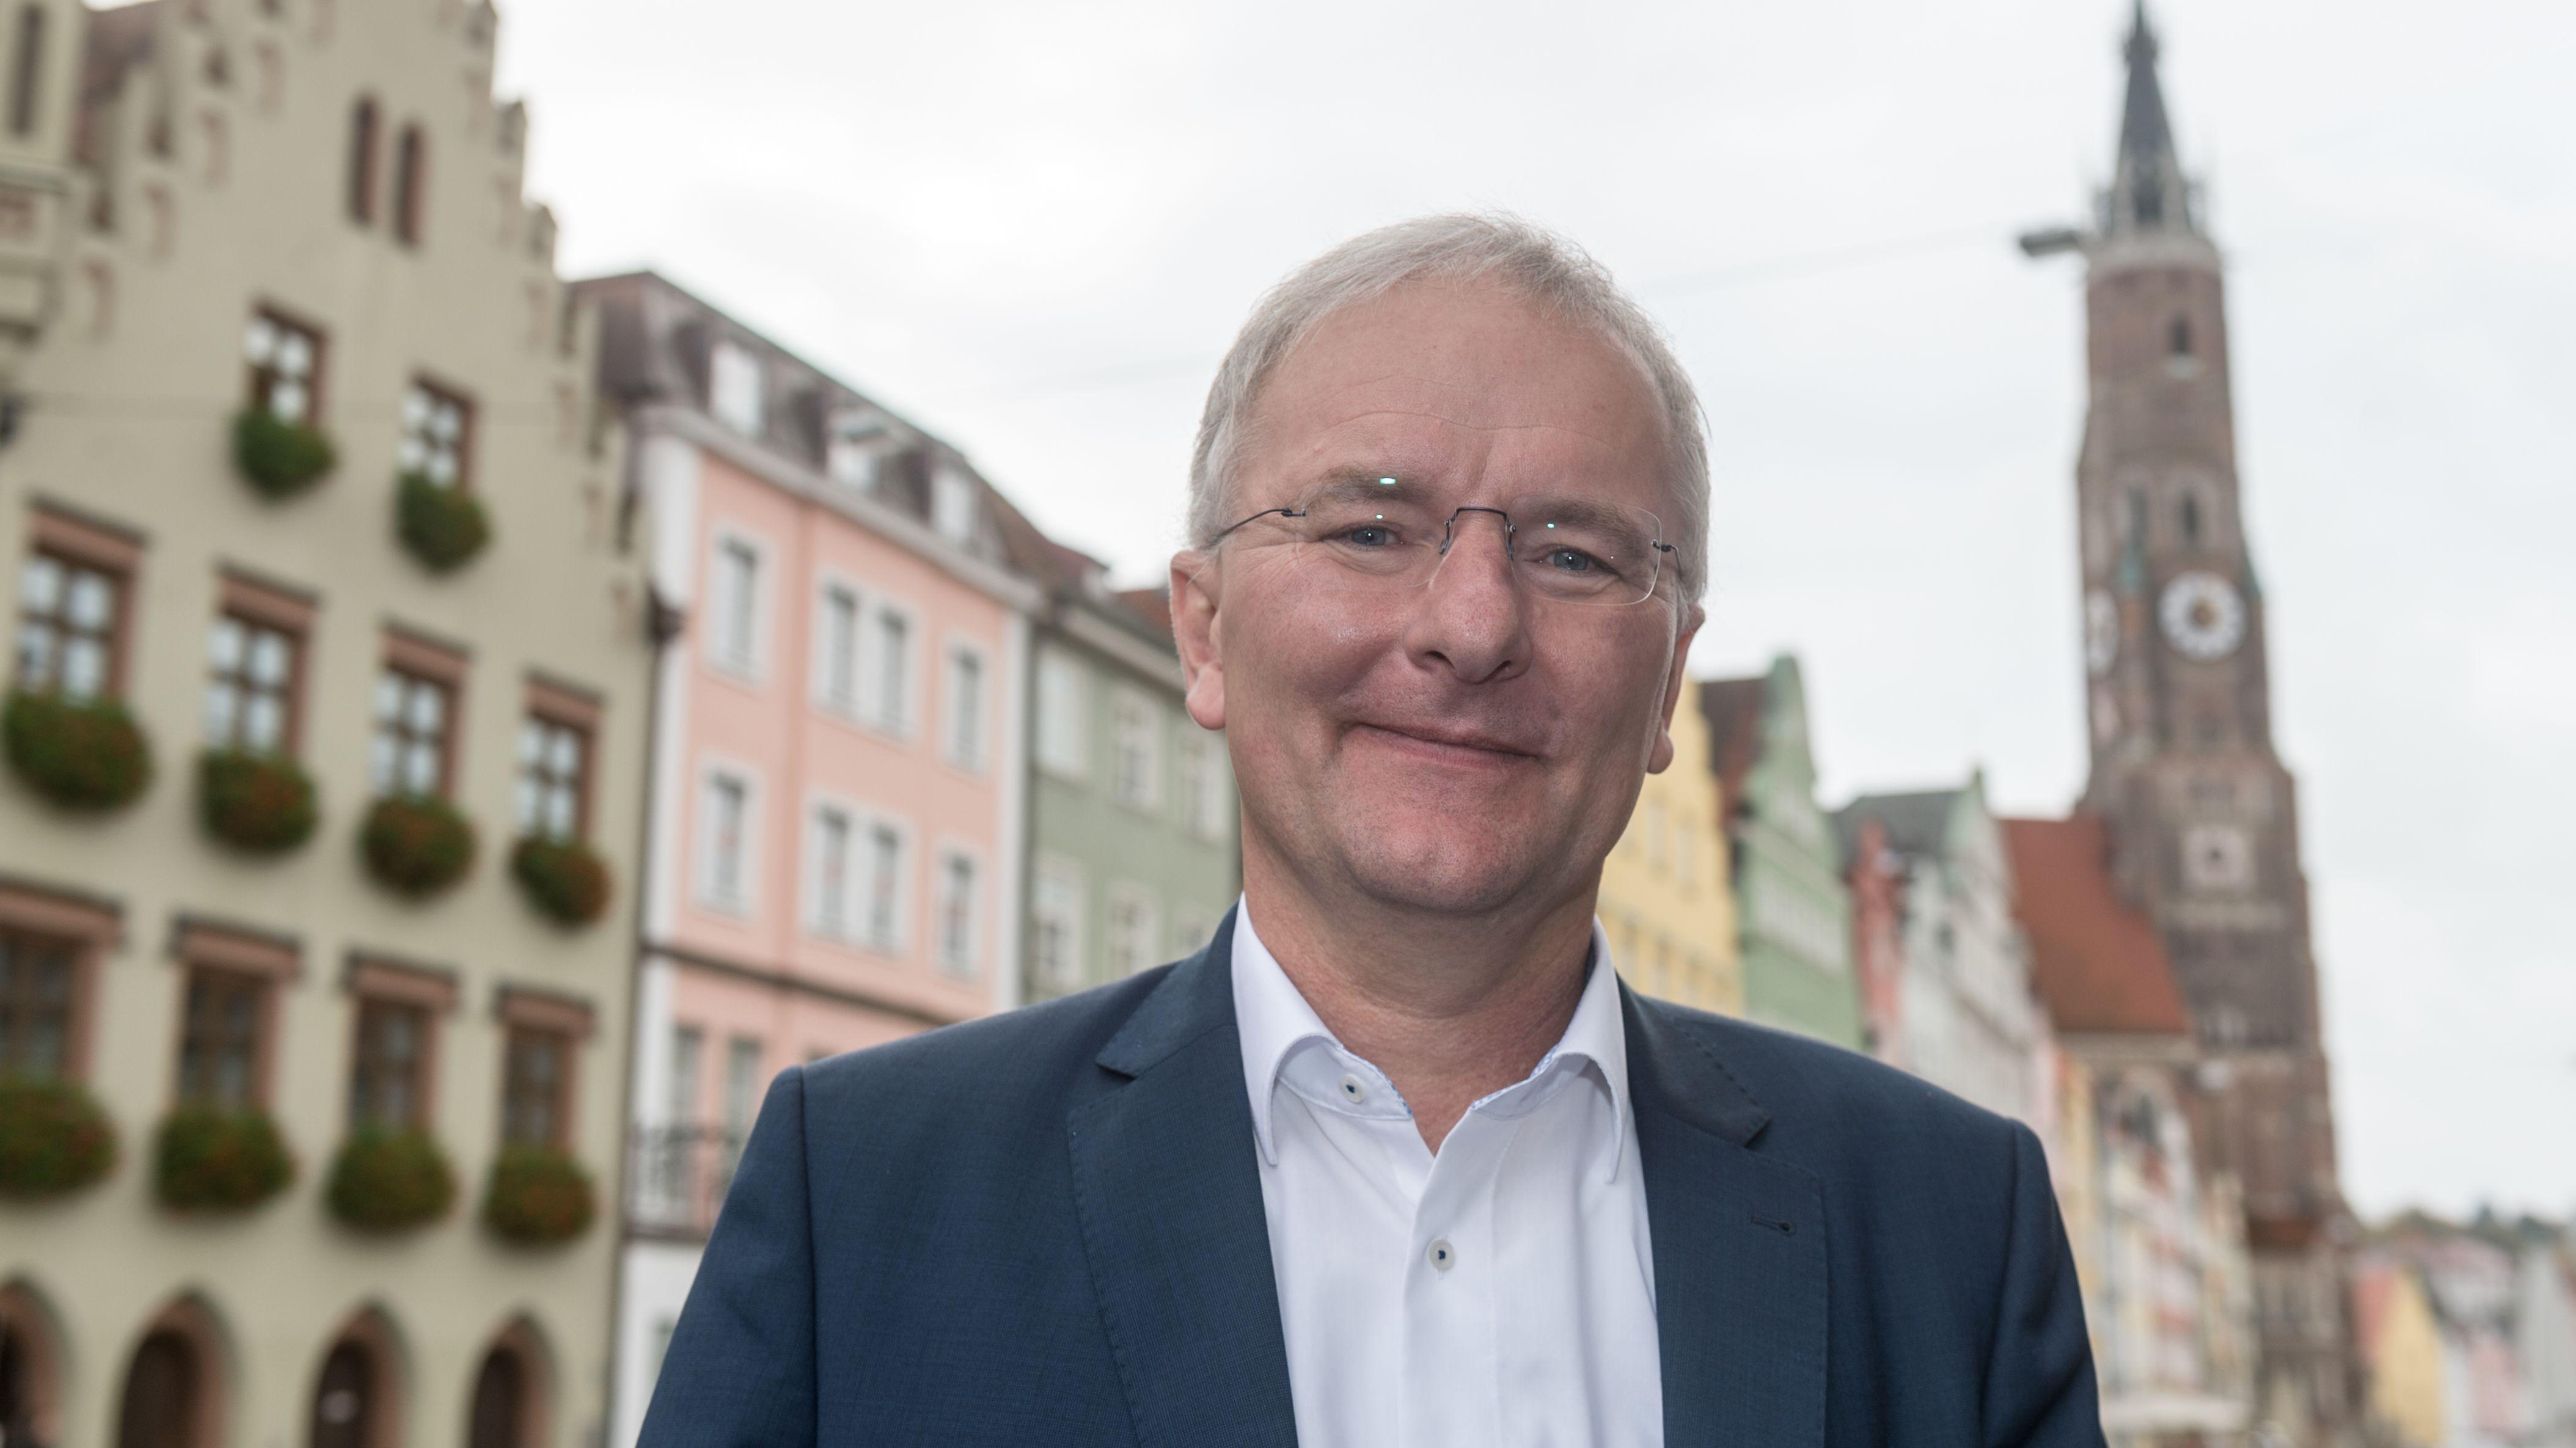 Oberbürgermeister Alexander Putz von der FDP.